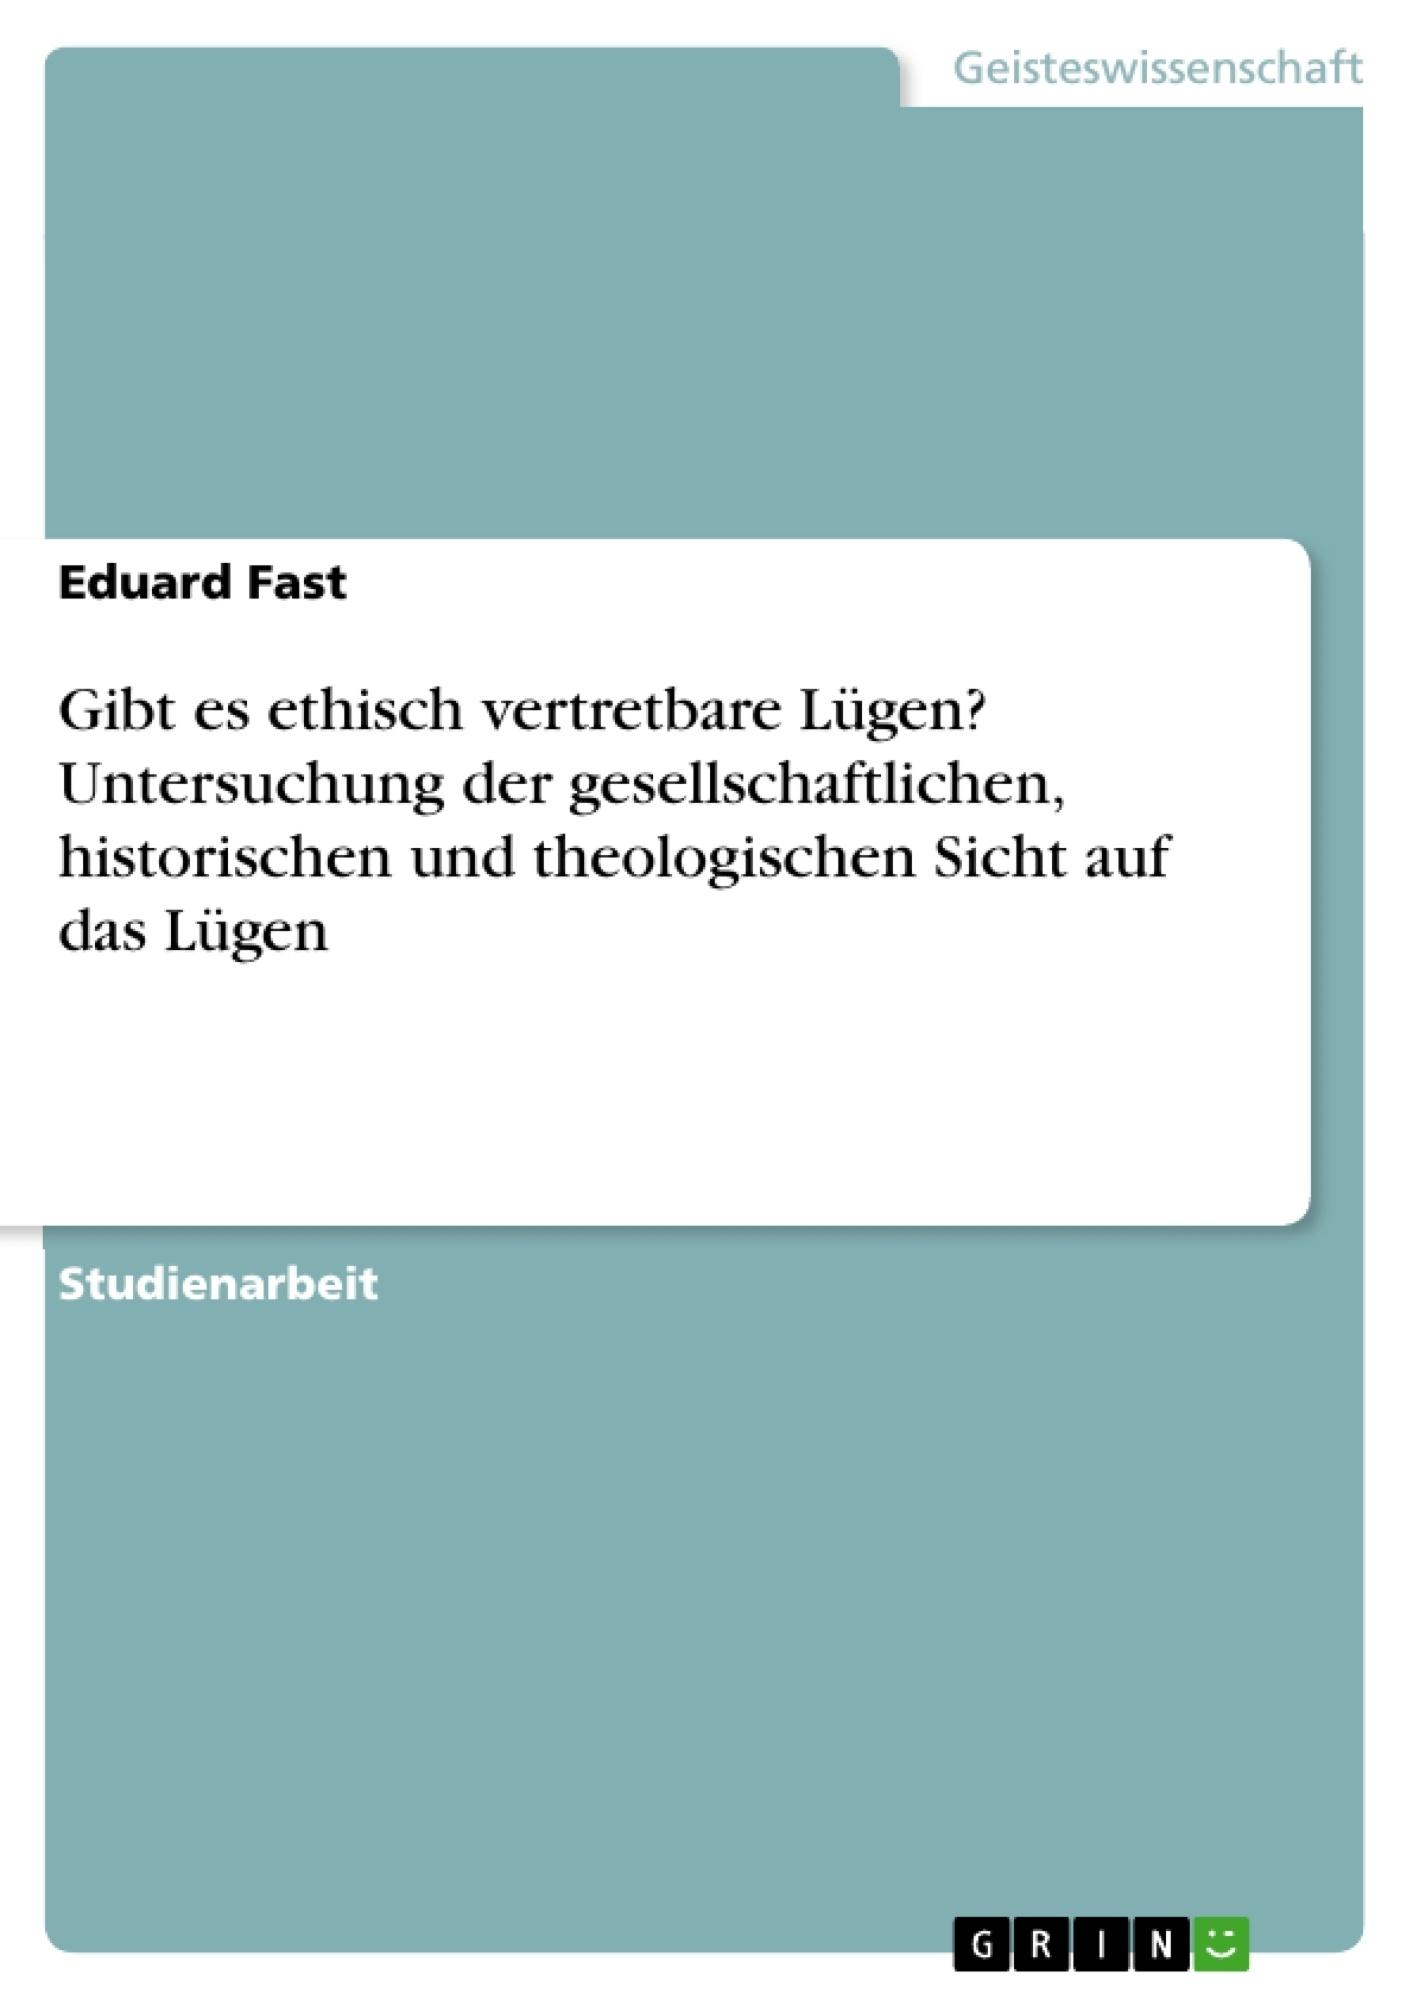 Titel: Gibt es ethisch vertretbare Lügen? Untersuchung der gesellschaftlichen, historischen und theologischen Sicht auf das Lügen